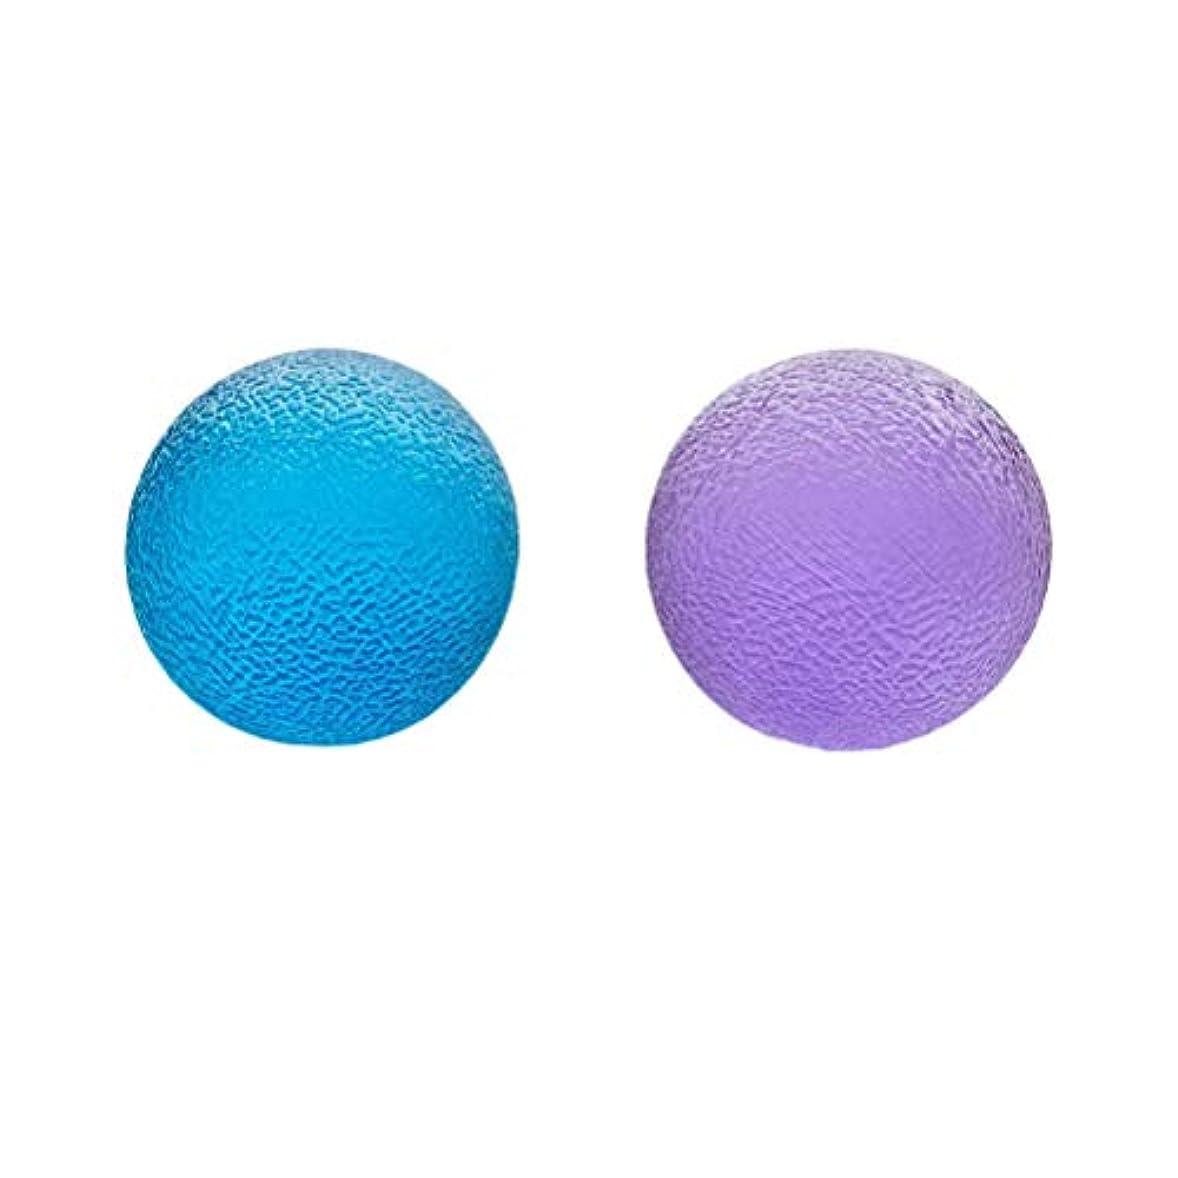 SUPVOX 2本ハンドグリップ強化ツールワークアウトグリップ強度トレーナーボール強化ツール関節炎指ハンド(ブルーパープル)